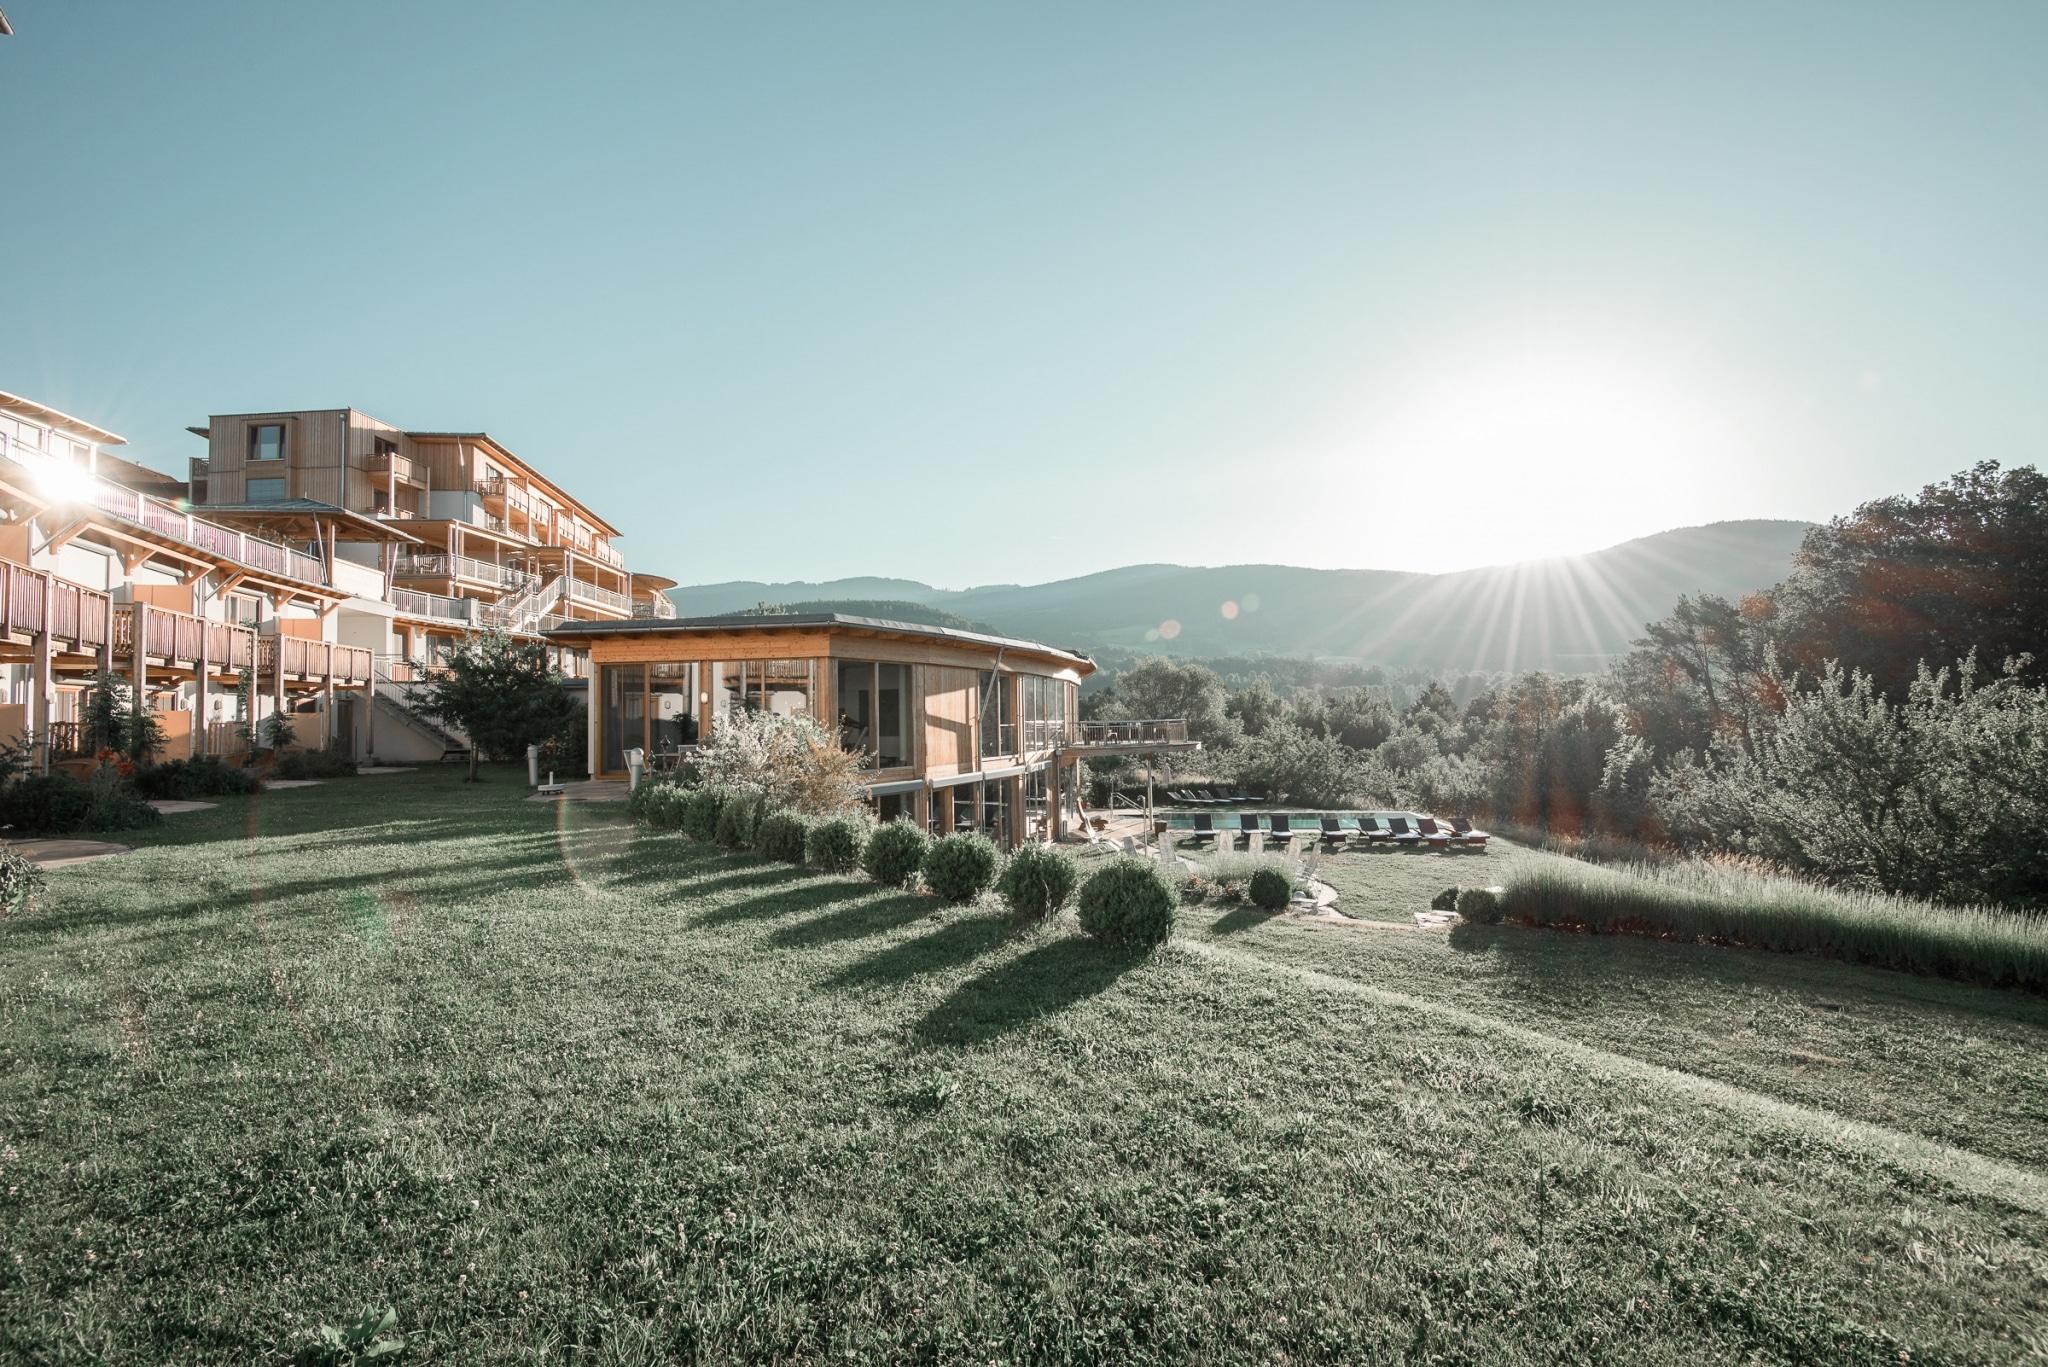 klimafreundlicher Urlaub, Biogenuss, Steiermark, Wellnesshotel